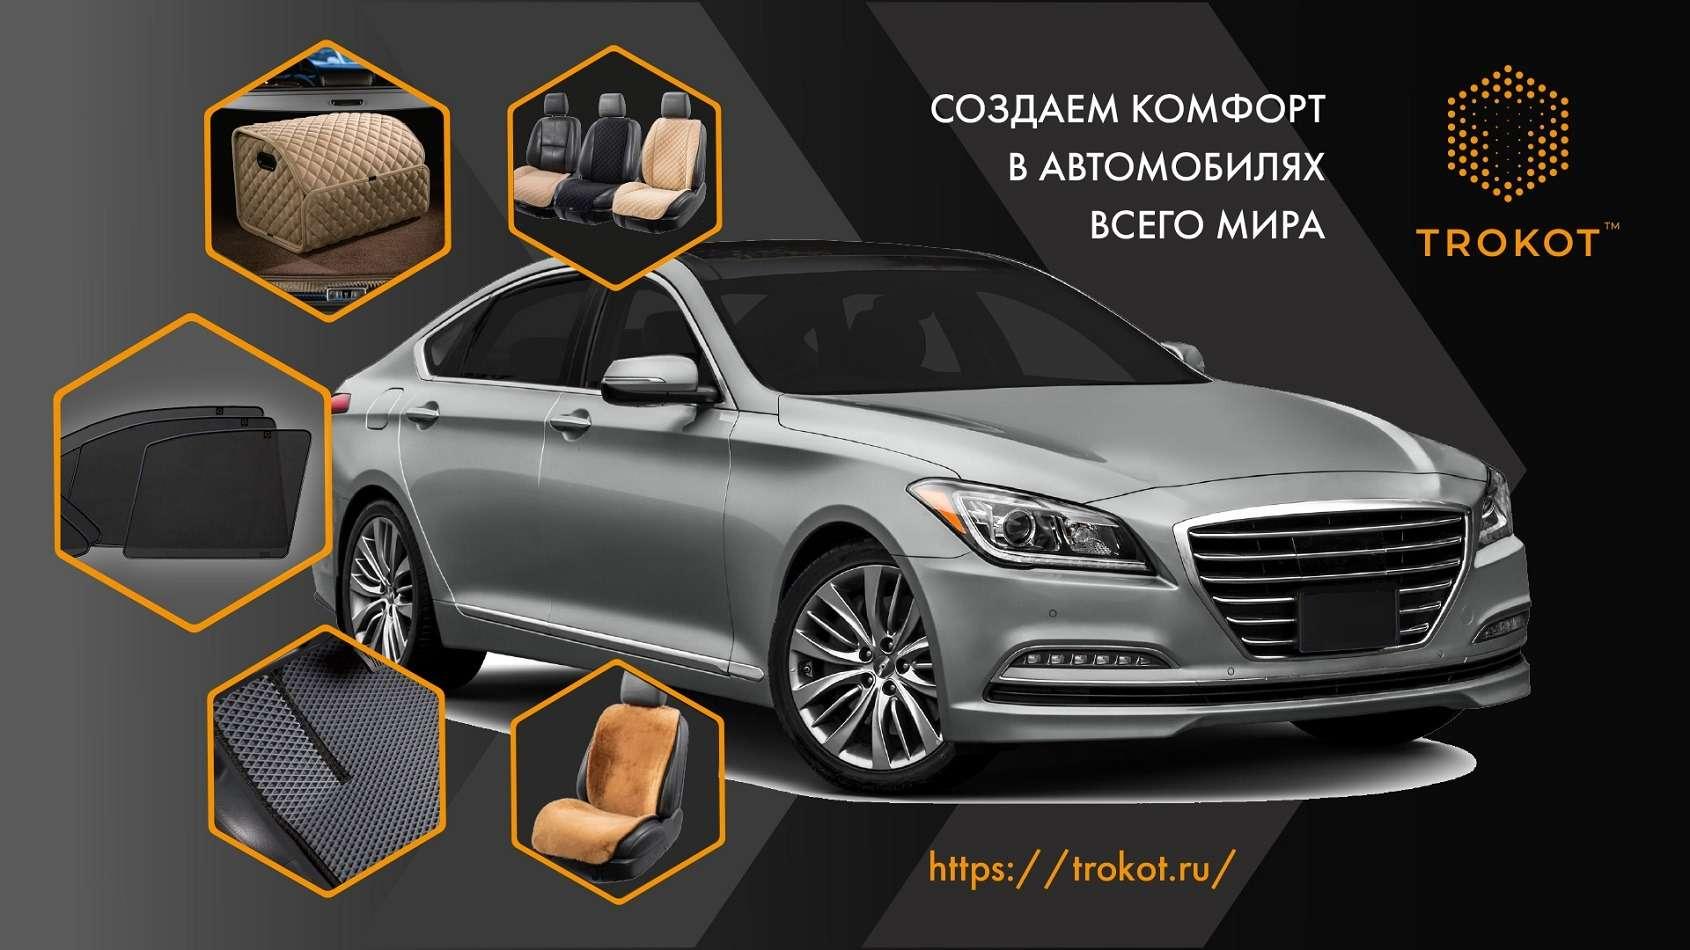 Решения длякомфорта авто отТРОКОТ— фото 1270591